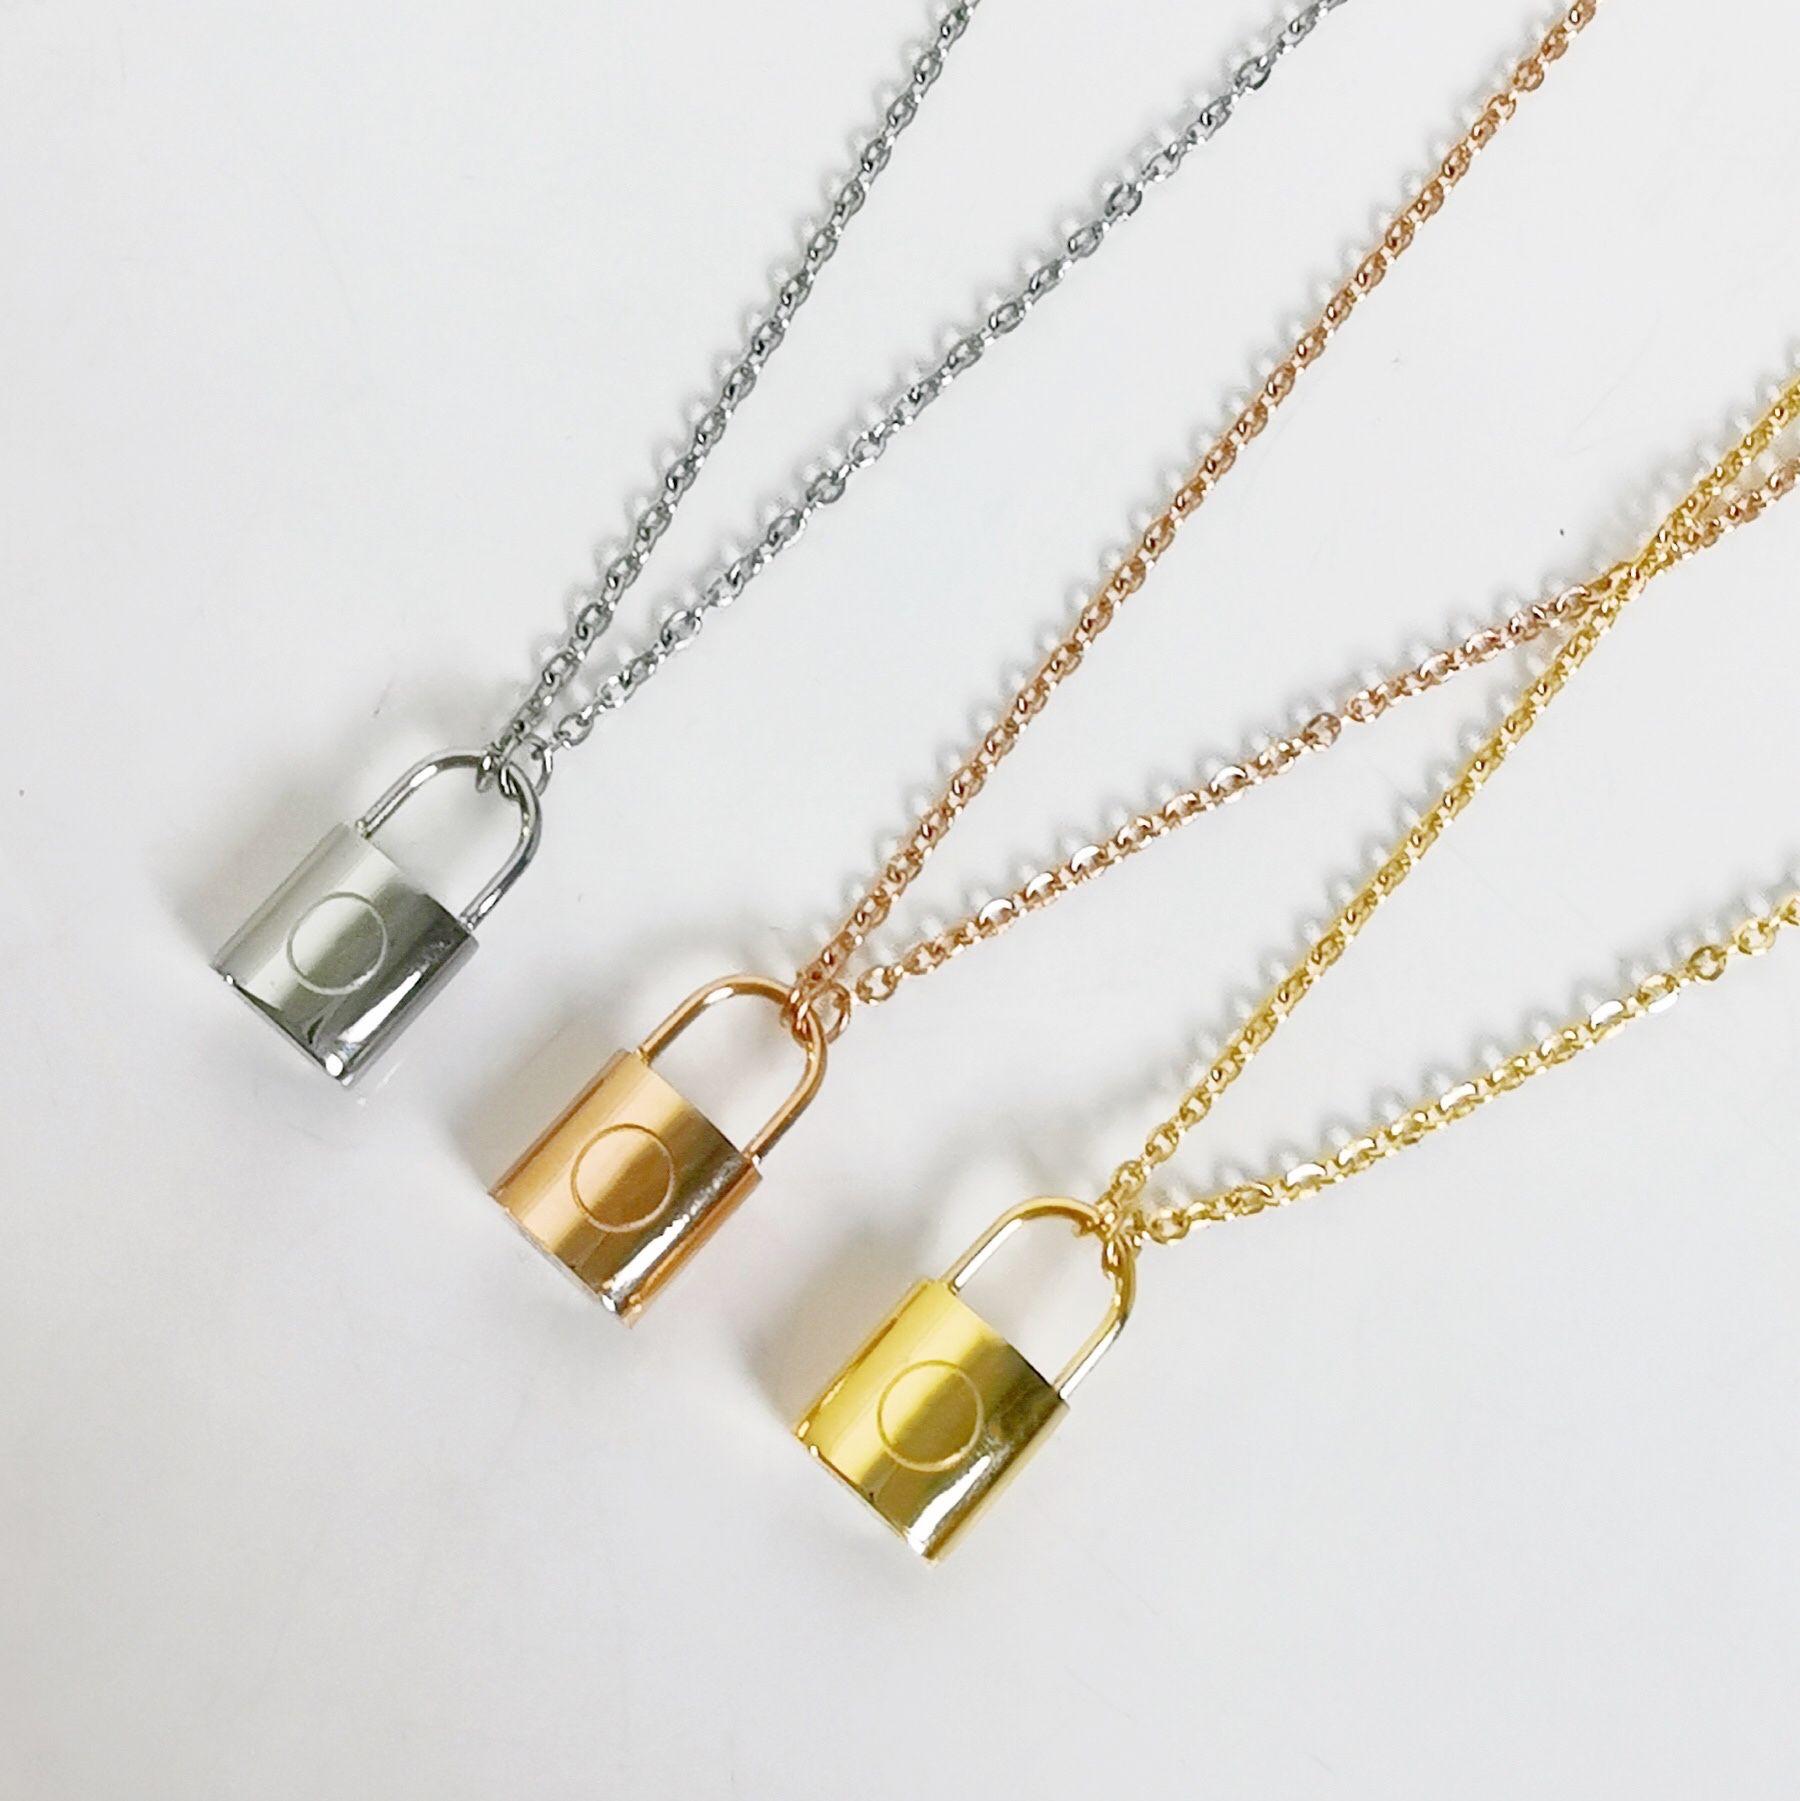 Luxo Designer Jóias Mulheres Pingente Brincos Brincos Bracelet Lock Jóias Terno Rose Gold Prata Moda New Style Holiday Presentes